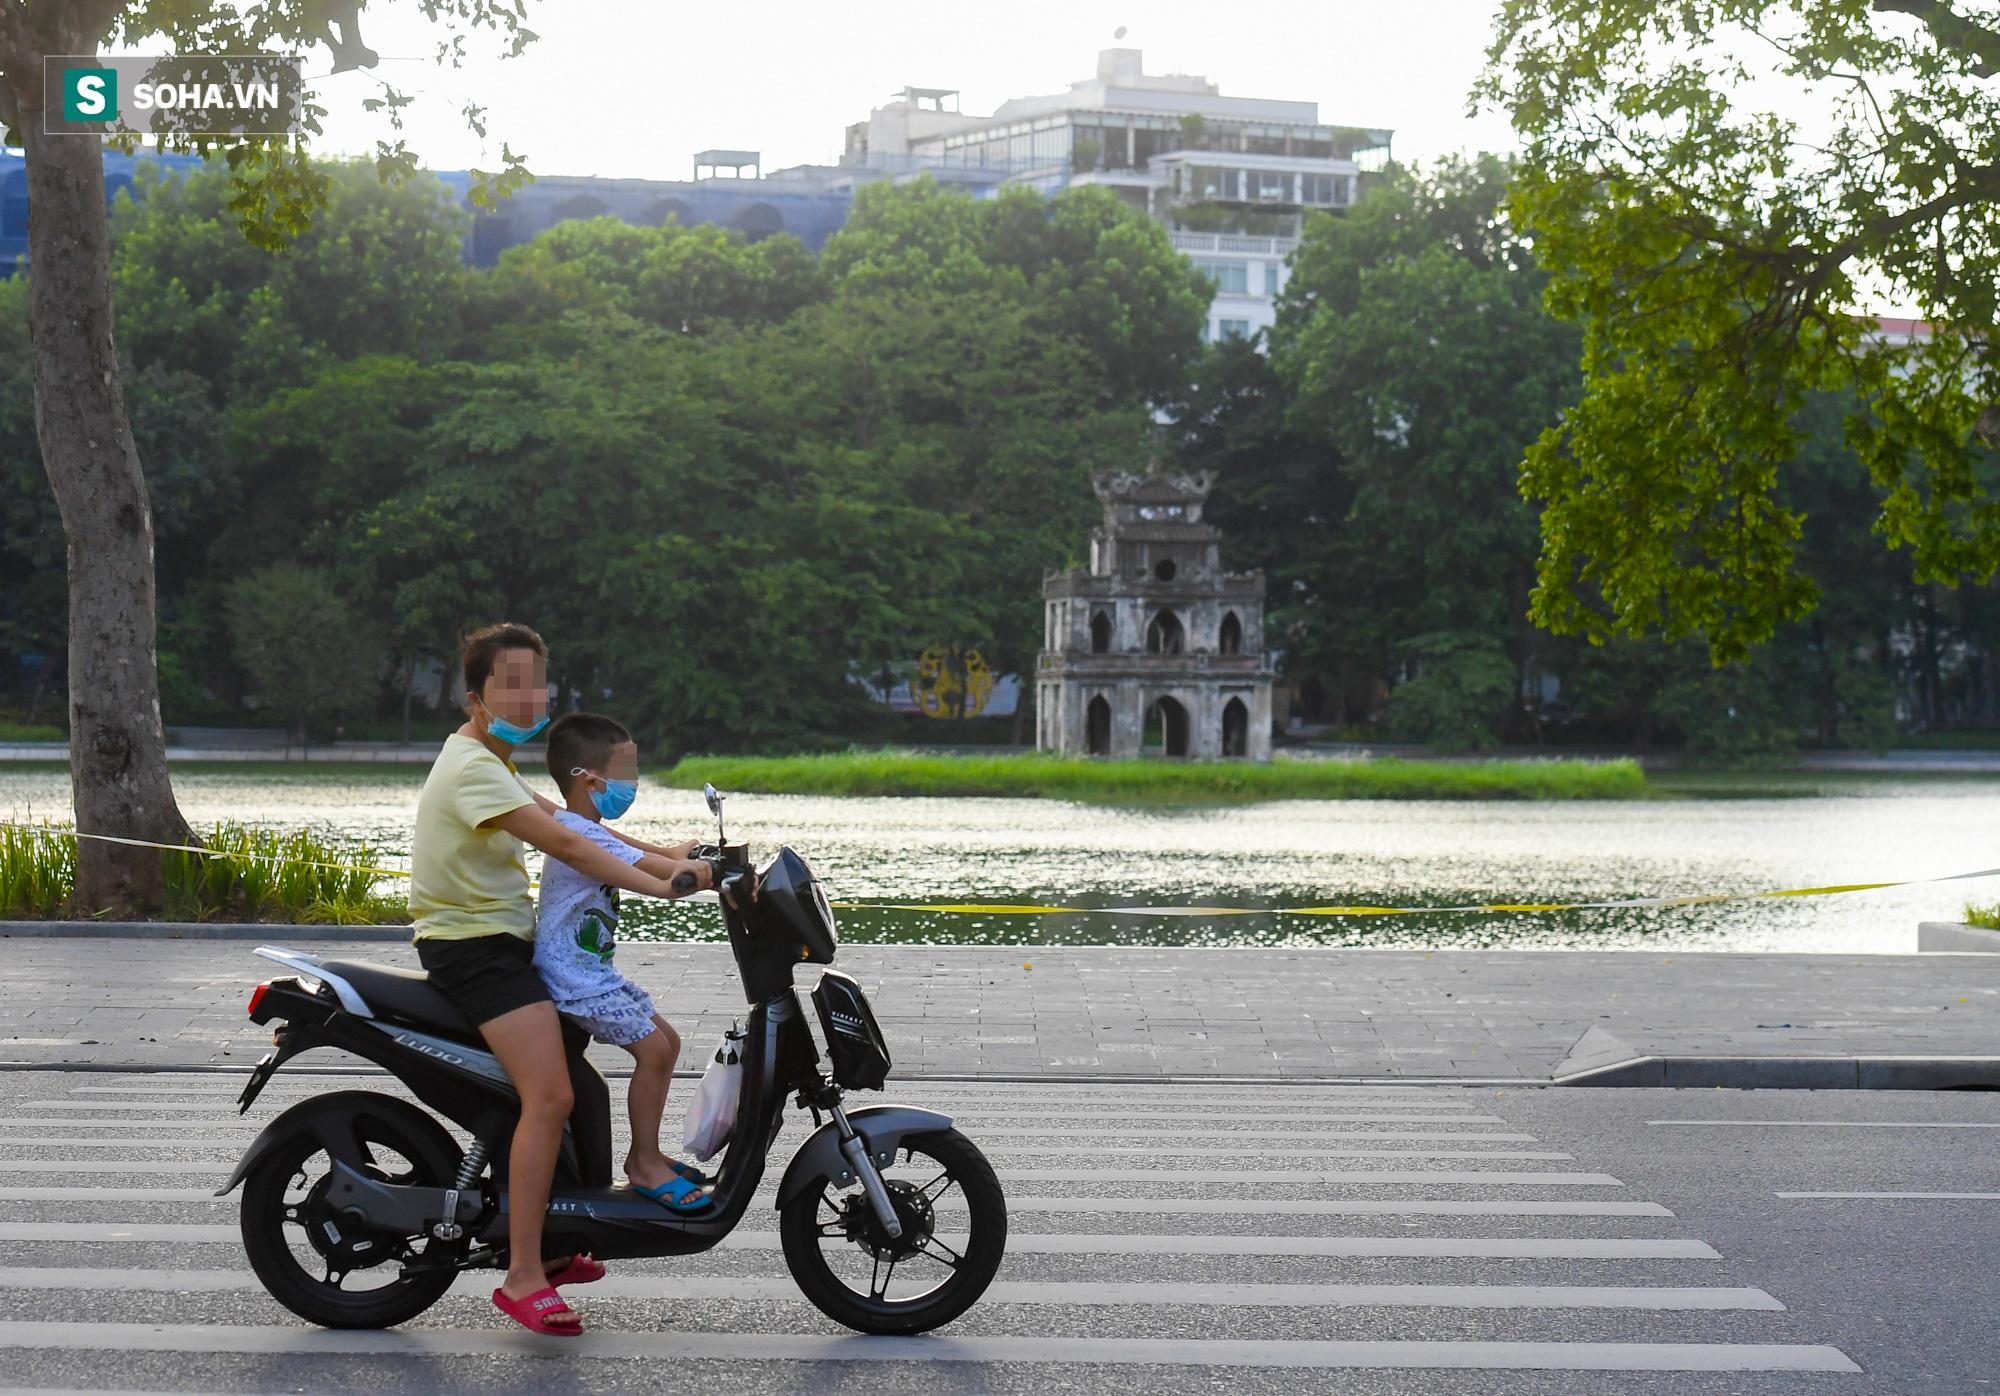 Ra đường mùa dịch: Nhiều người ở Hà Nội nhớ khẩu trang nhưng quên luật giao thông - Ảnh 1.